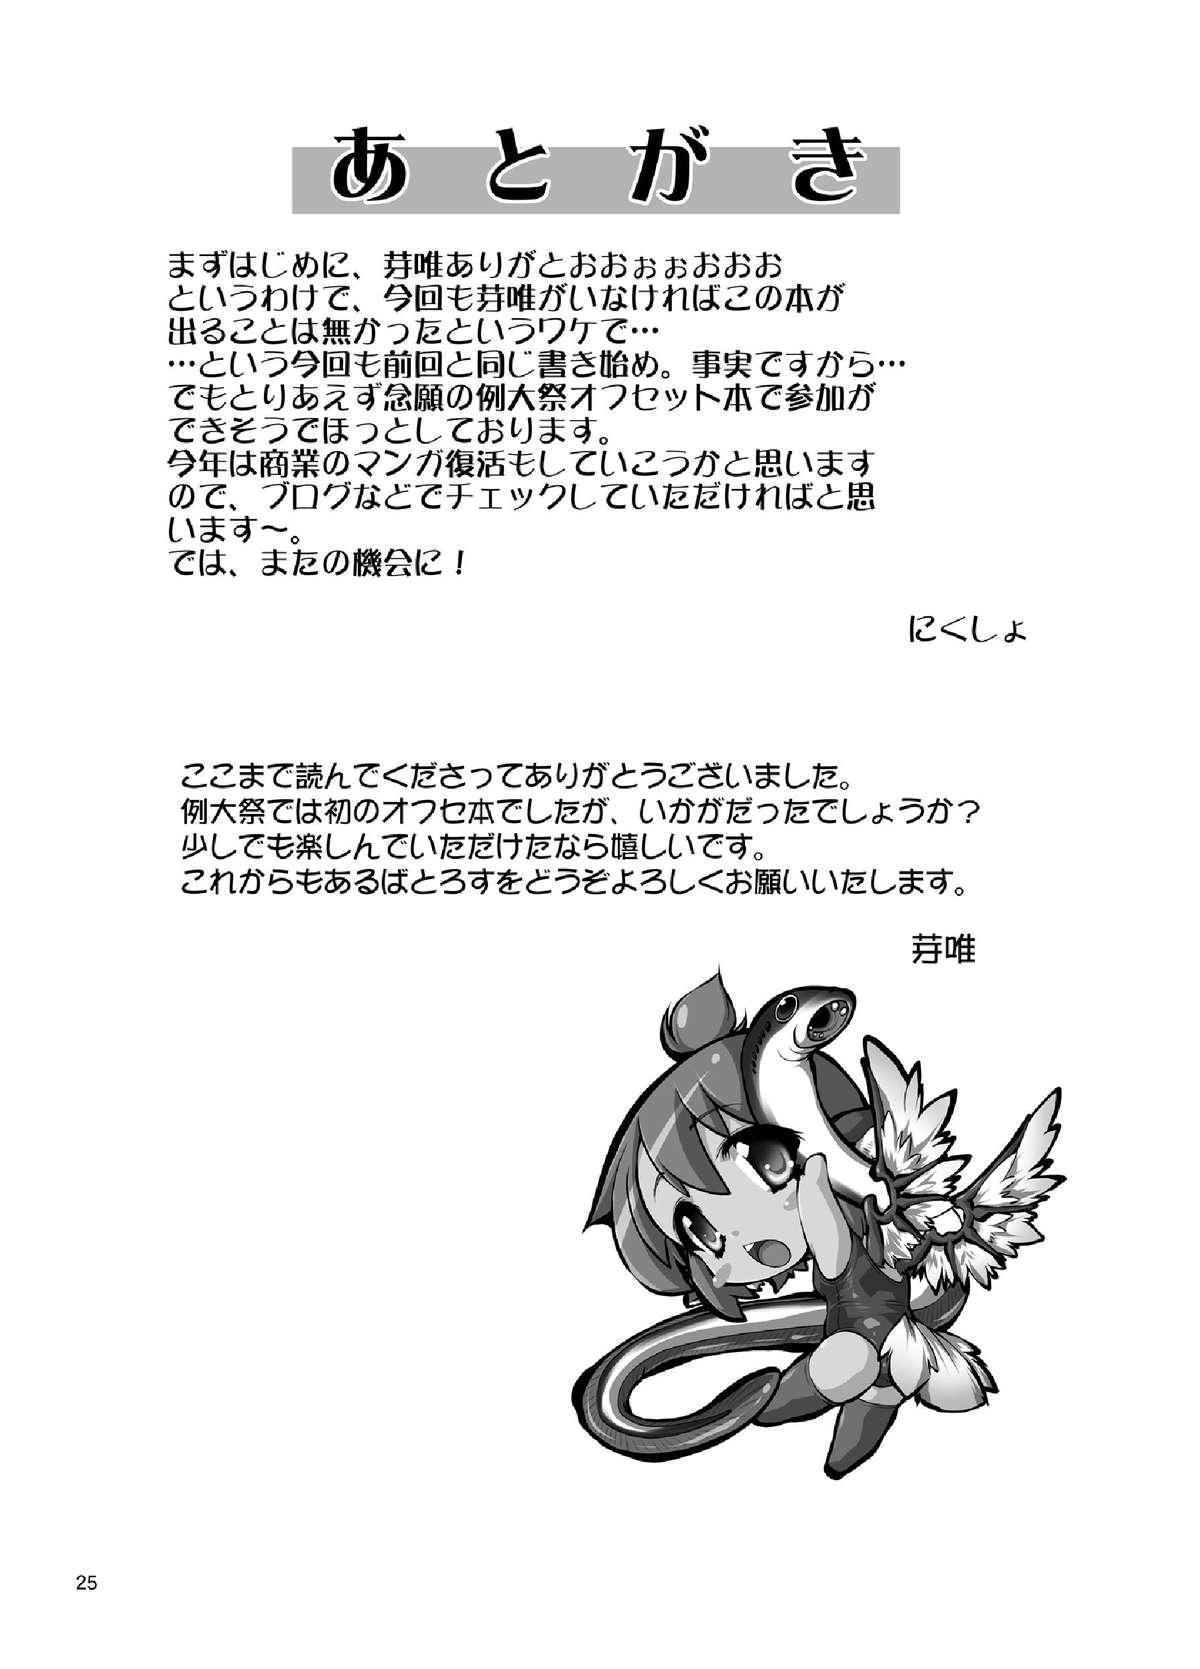 Suika no Okuchi o Meshiagare 23